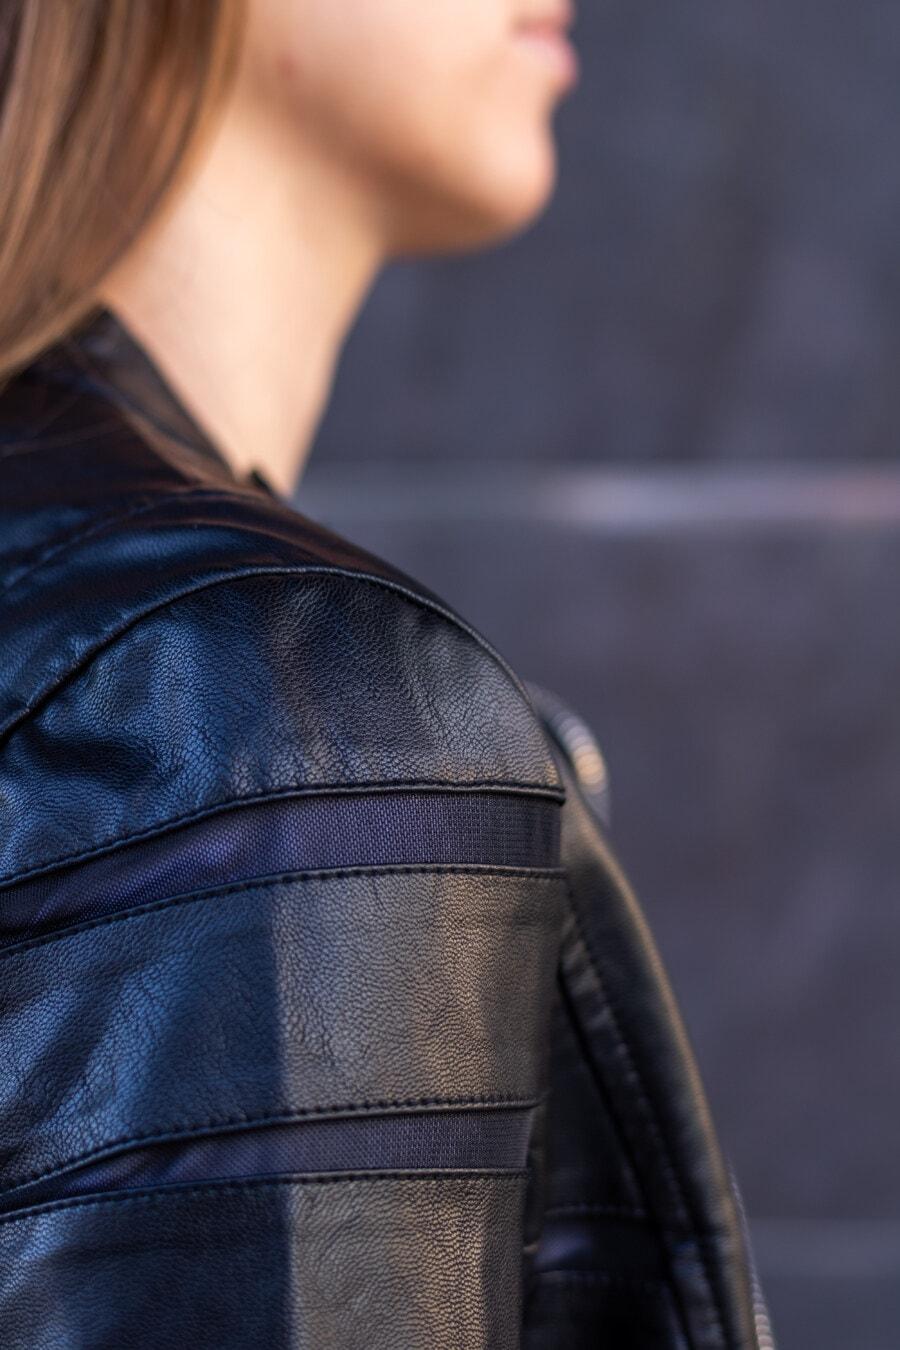 chaqueta, cuero, negro, hombro, chica, posando, moda, mujer, mochila, vertical